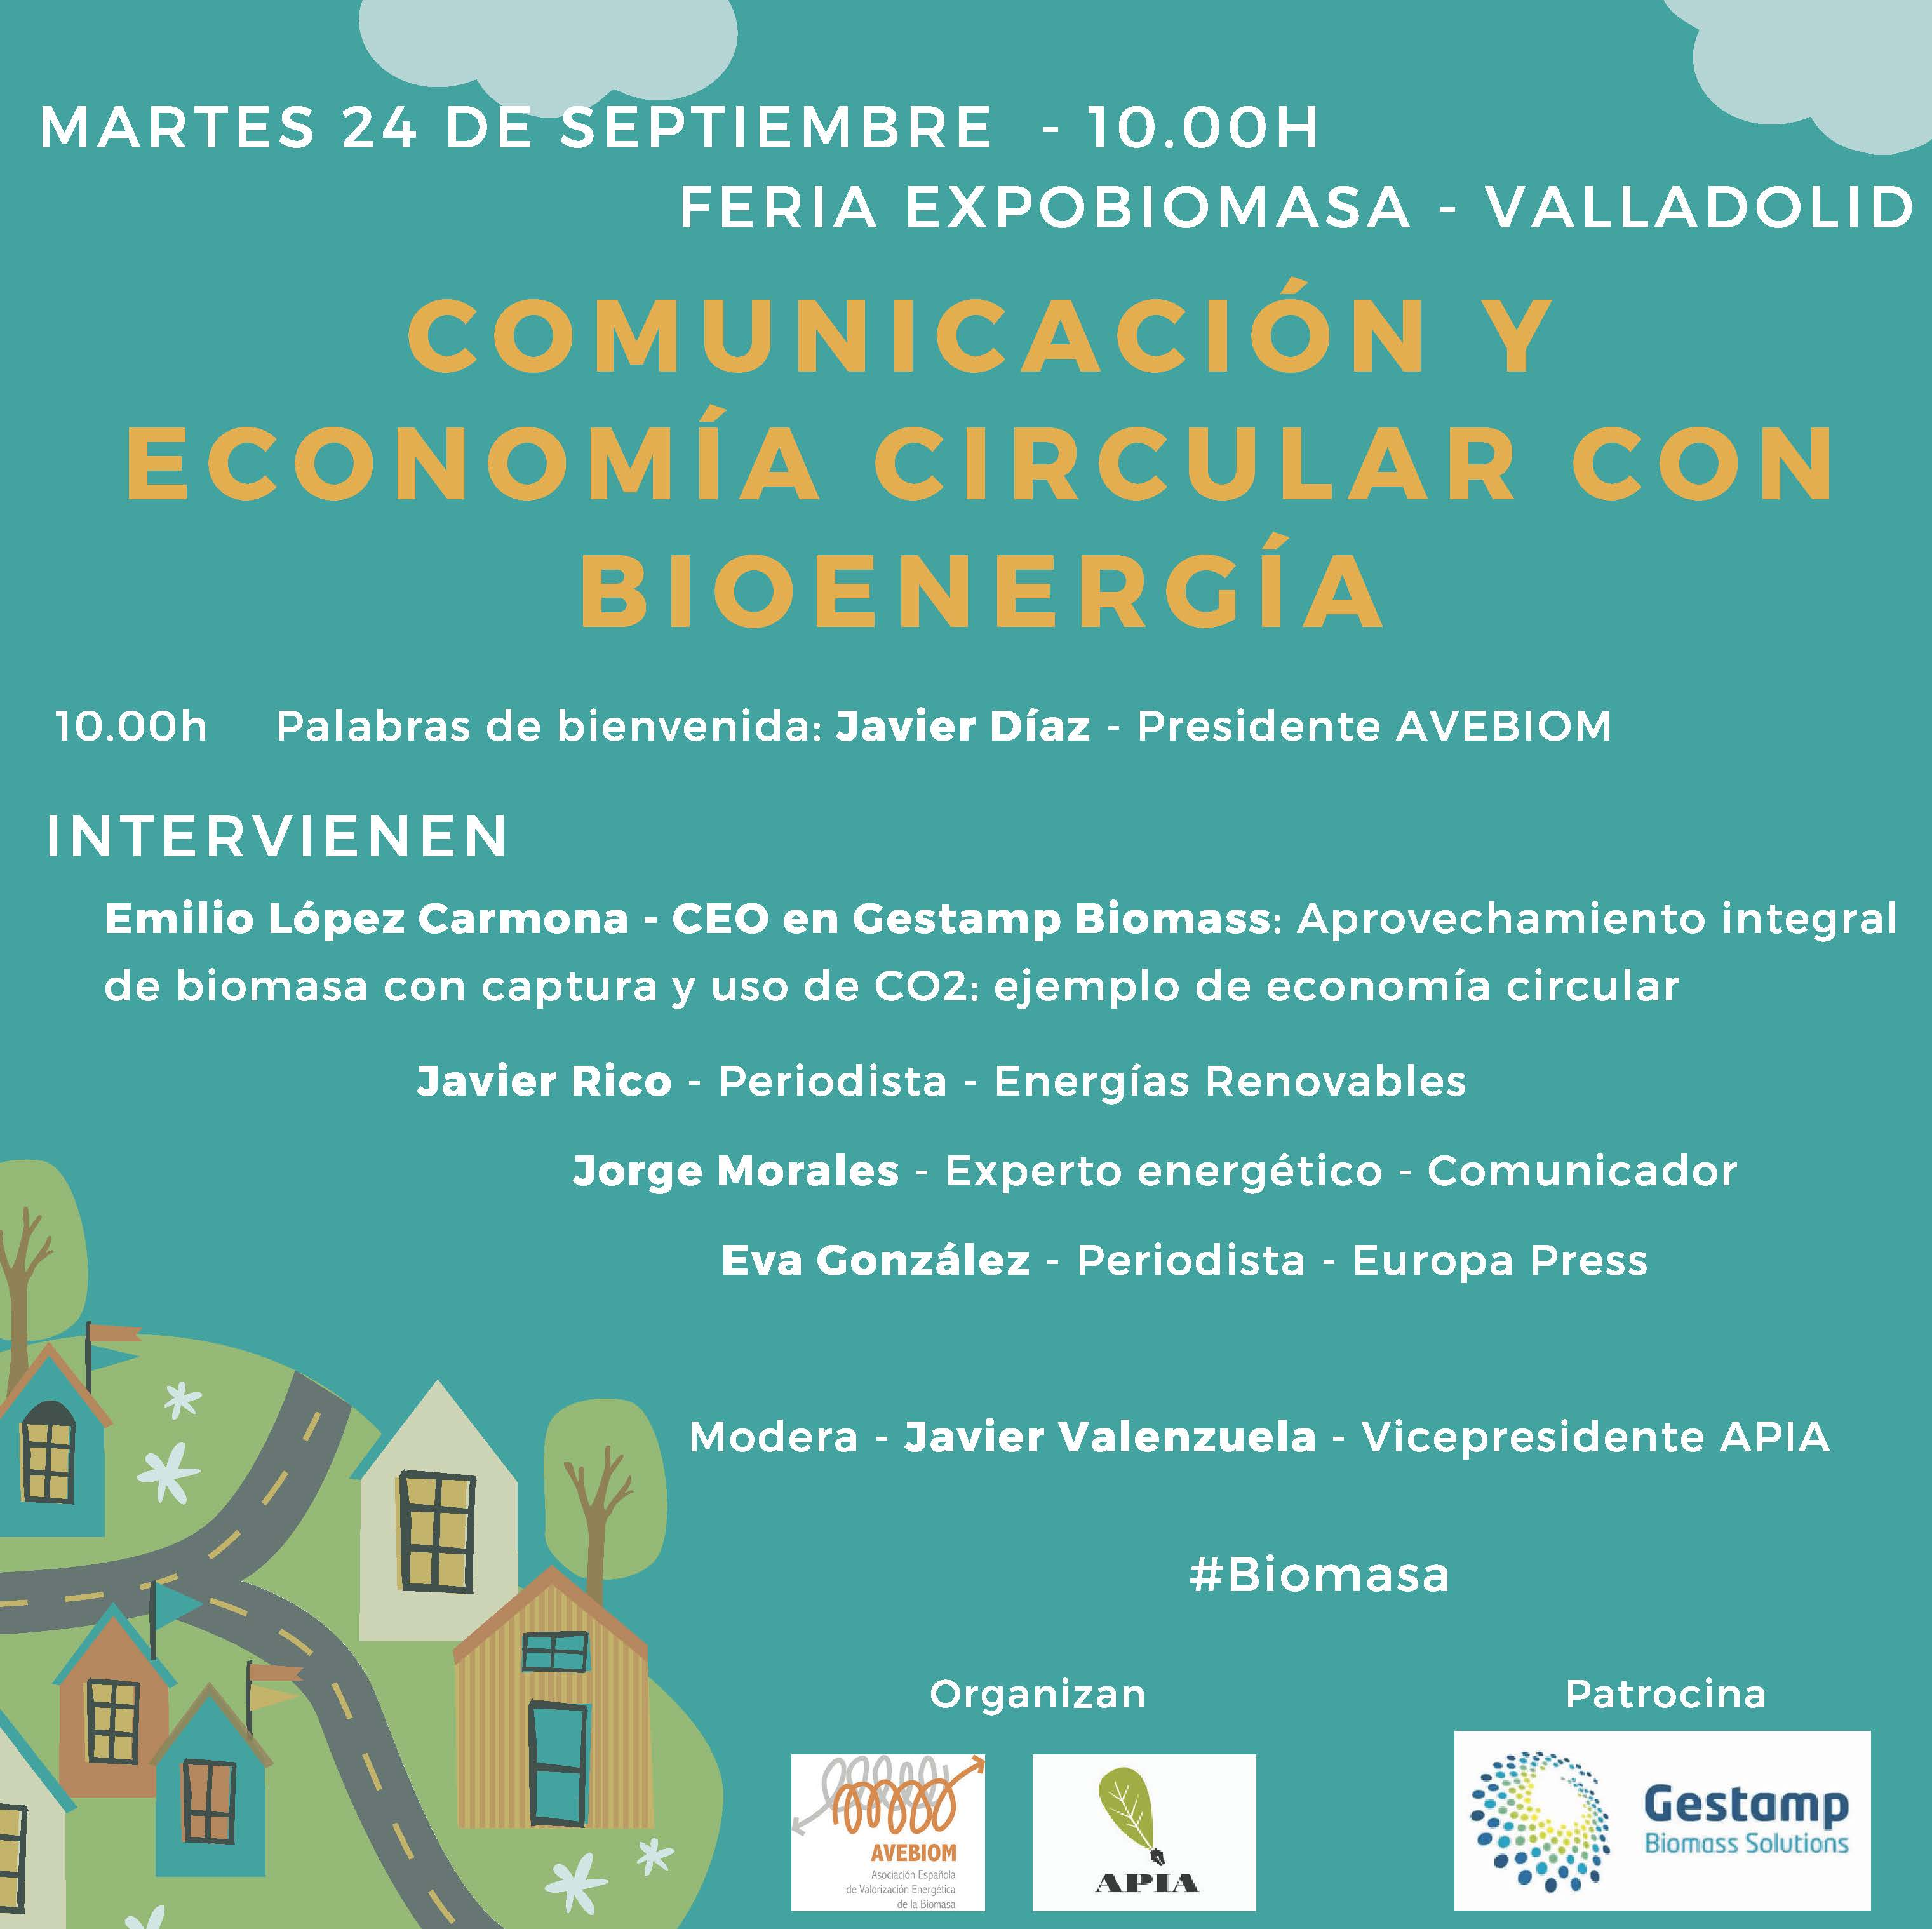 (Español) Comunicación y Economía Circular con Bioenergía (Feria Expobiomasa –  Valladolid – 24 septiembre, 10h)